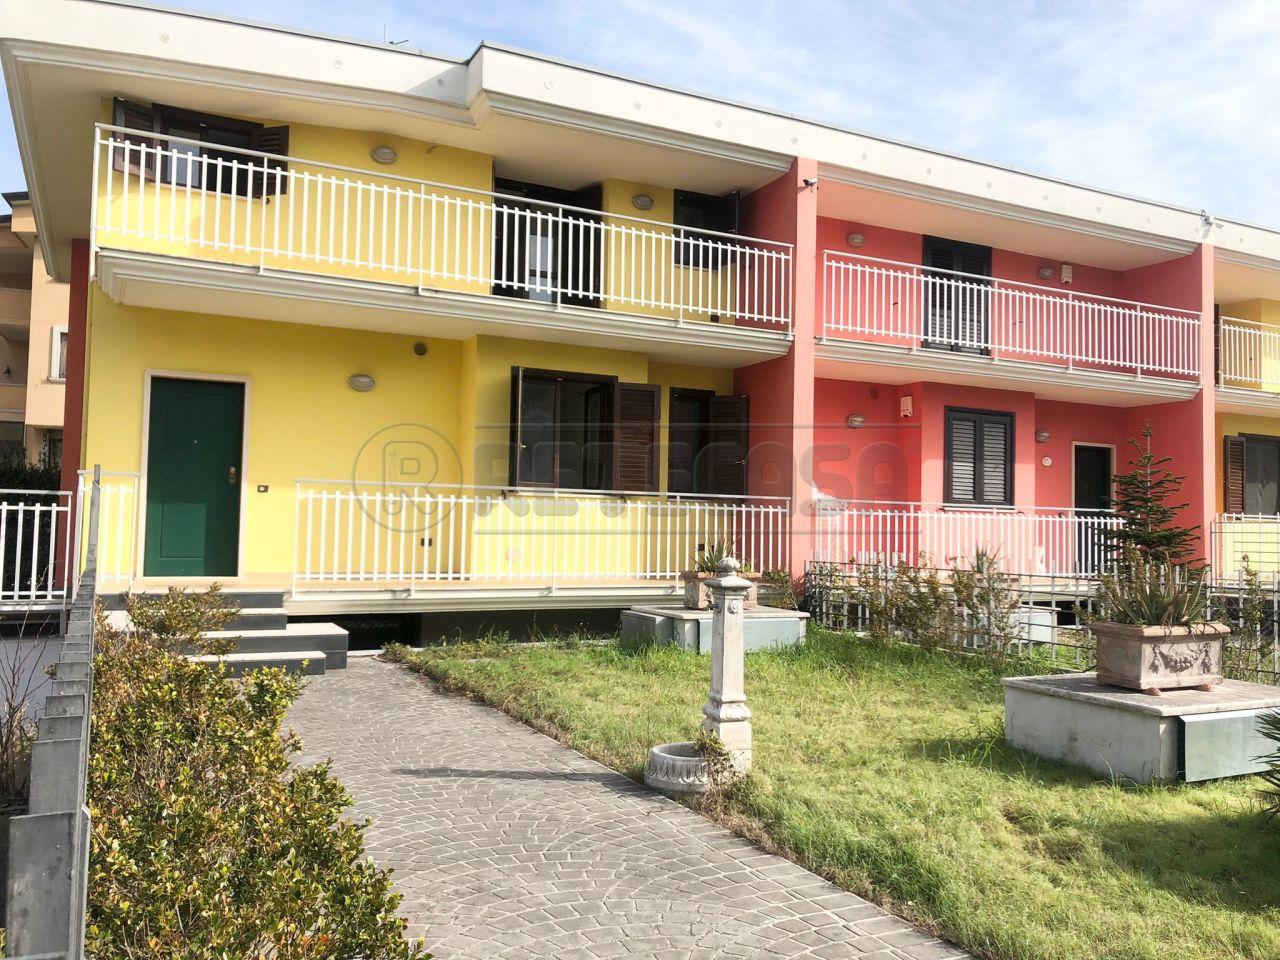 Villa a Schiera in vendita a Castel San Giorgio, 6 locali, prezzo € 375.000 | CambioCasa.it